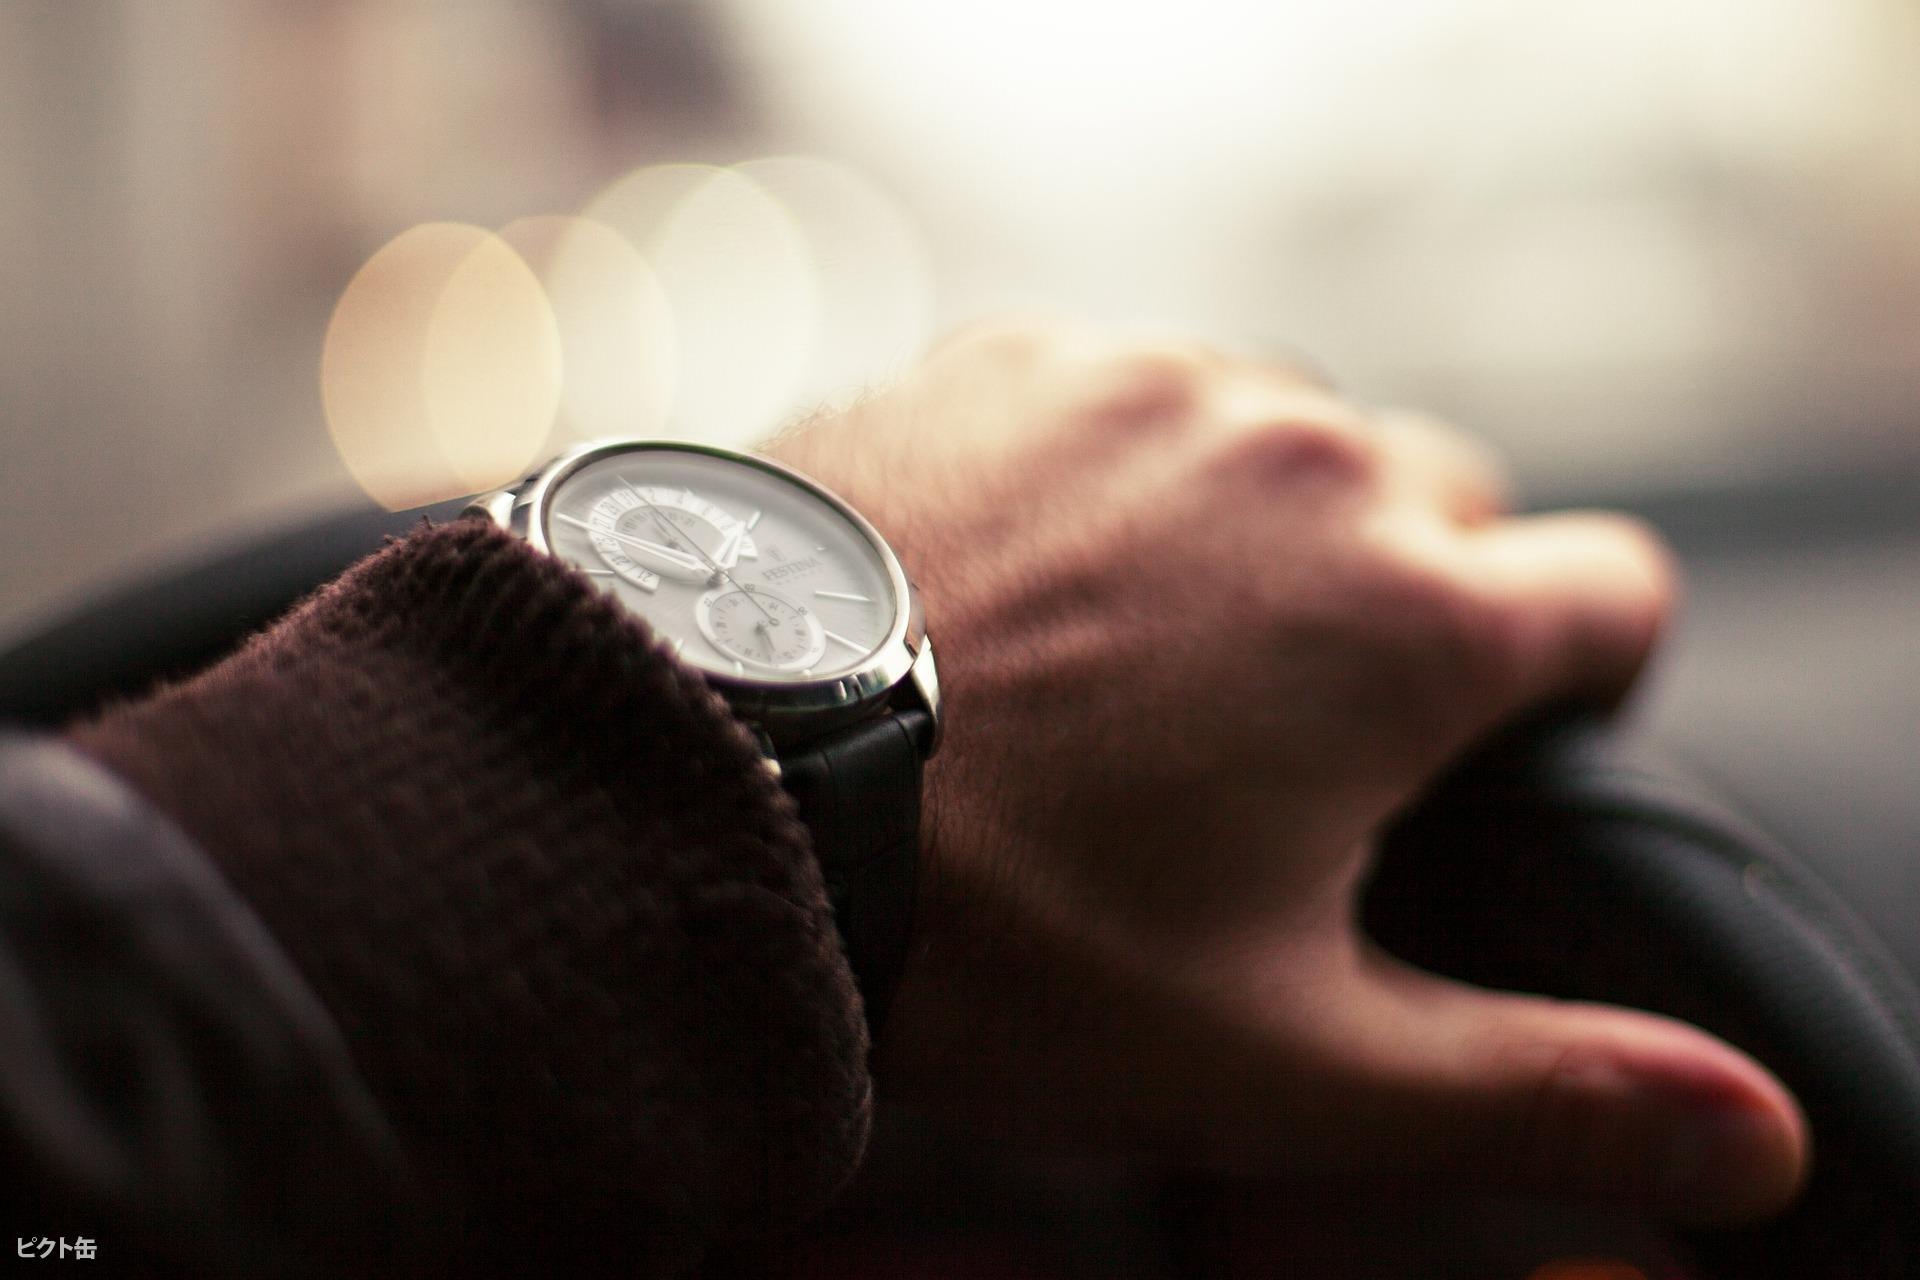 上野金太郎,愛車,腕時計,ブランド